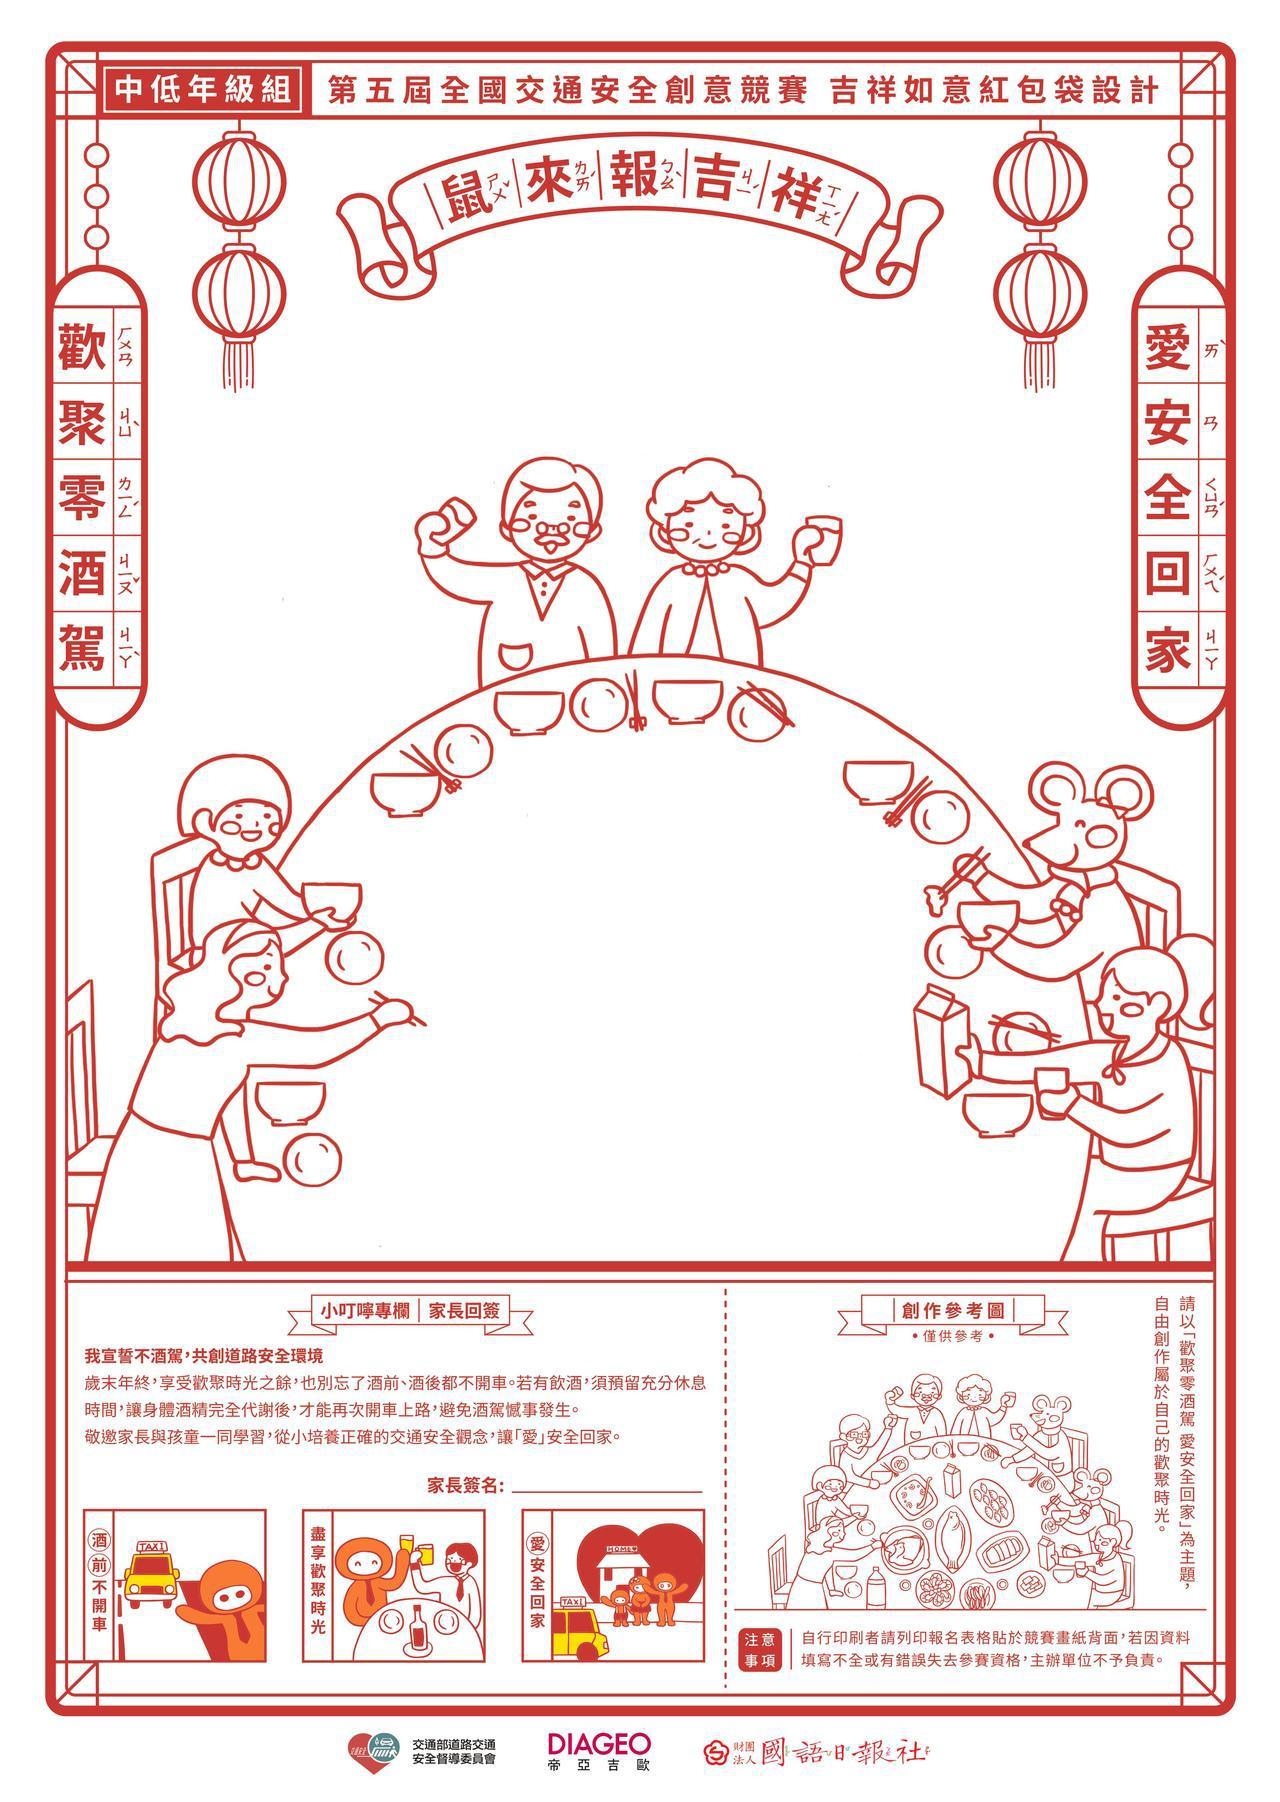 第五屆全國交通安全創意競賽─吉祥如意紅包設計開始徵件。圖/帝亞吉歐台灣分公司提供